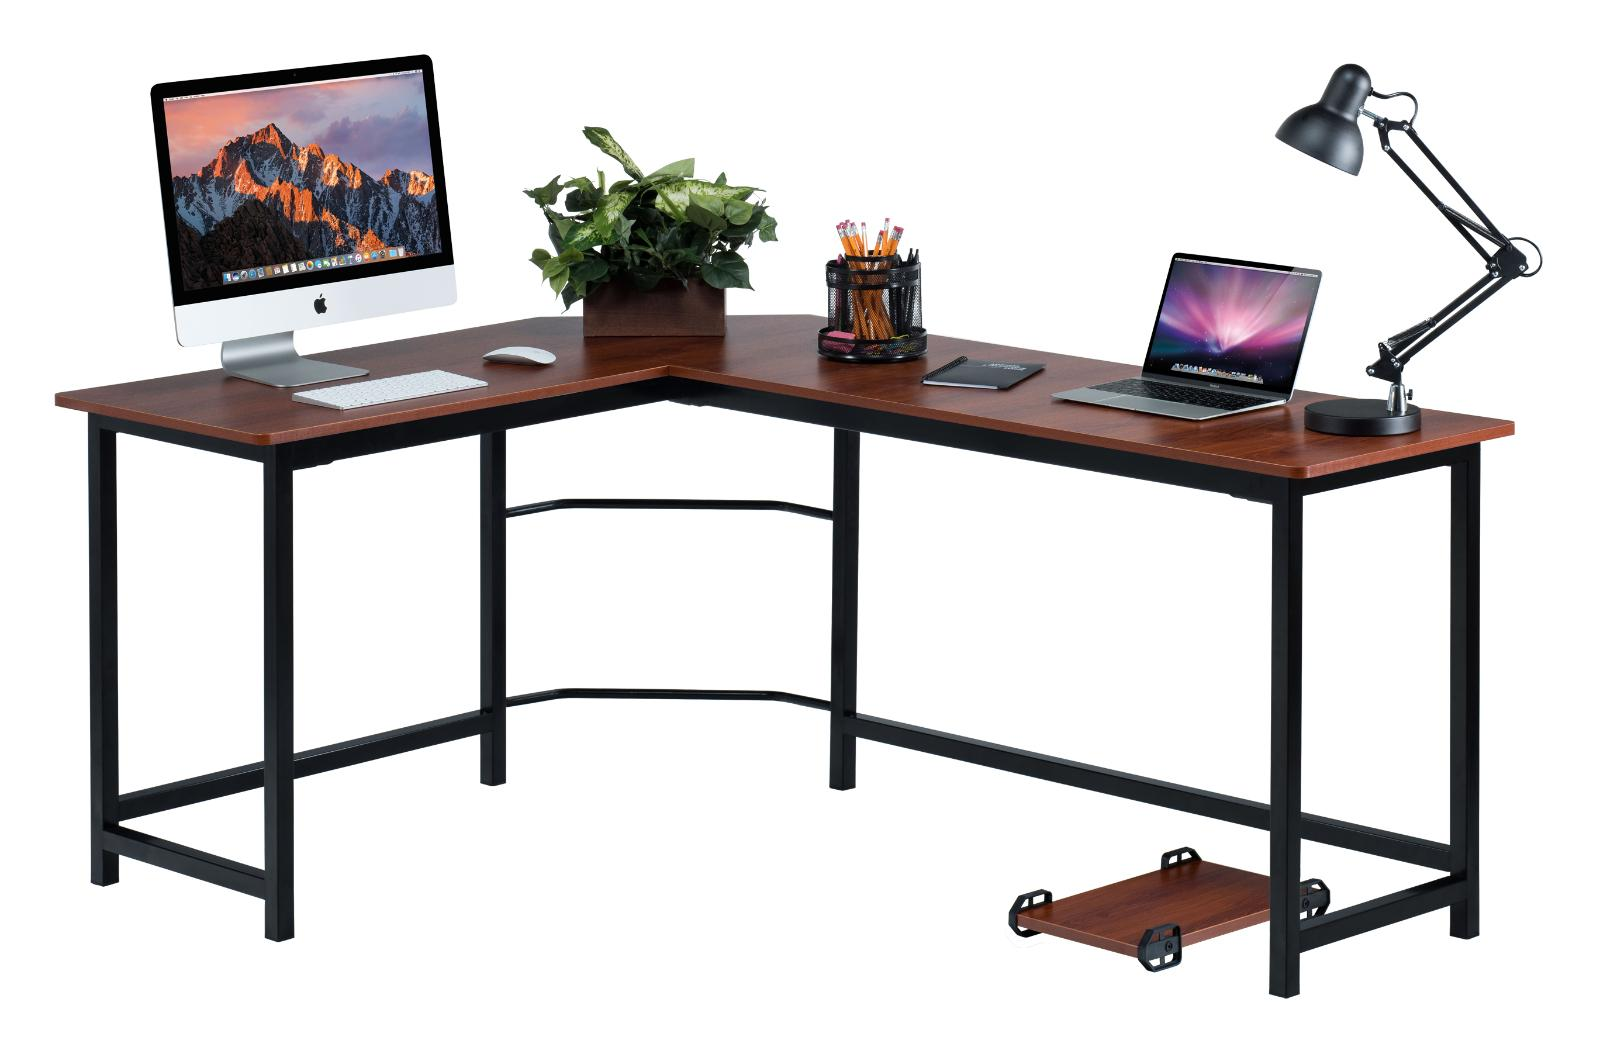 Fineboard Furniture  - Vanities, Jewelry Cases, Desks, more (2,363 unist)